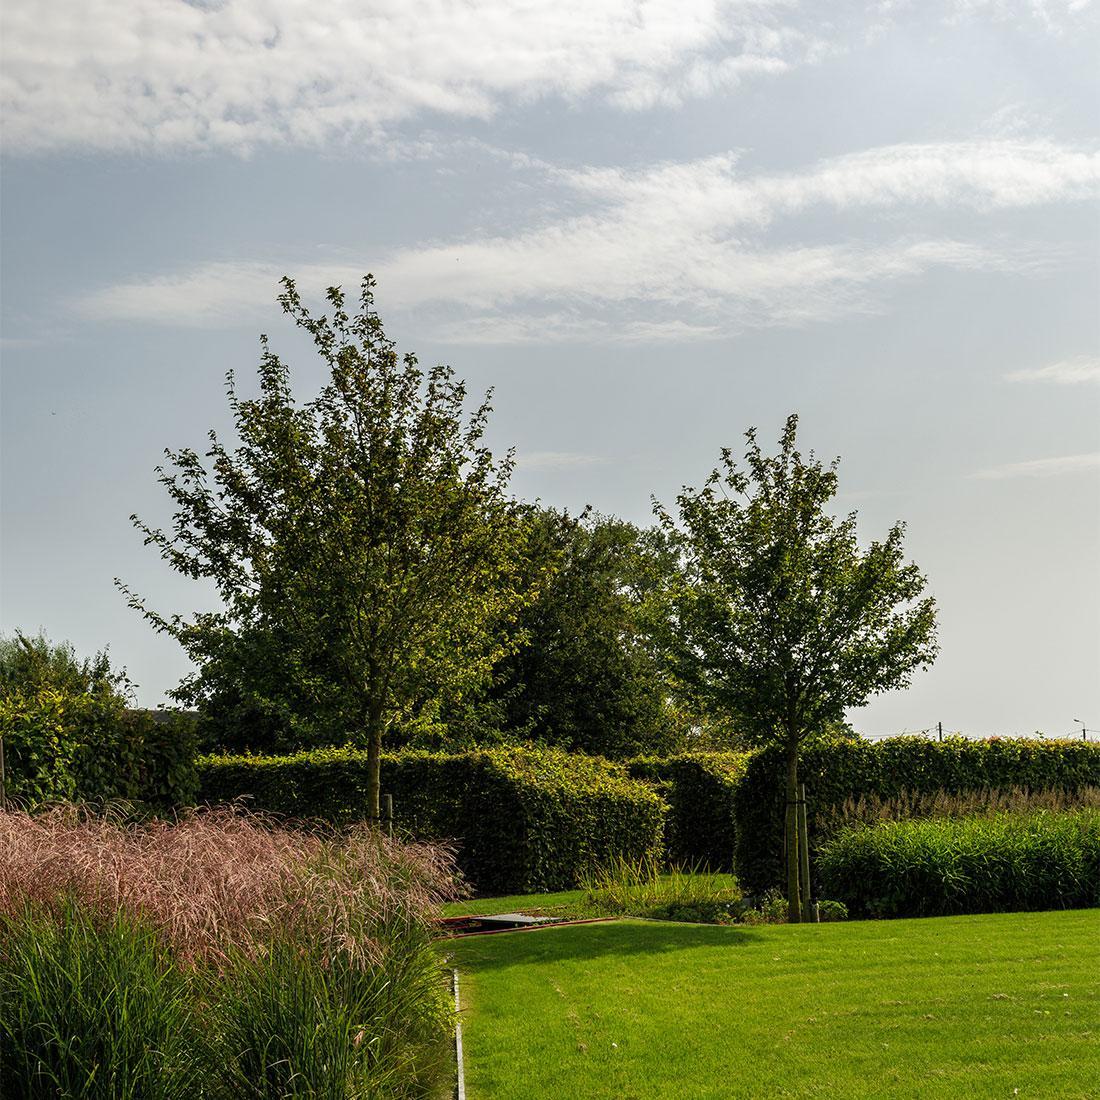 141-parktuin-vijver-water-grote-tuin-loopbrug-prairie-vasteplanten-spruyt-53.jpg